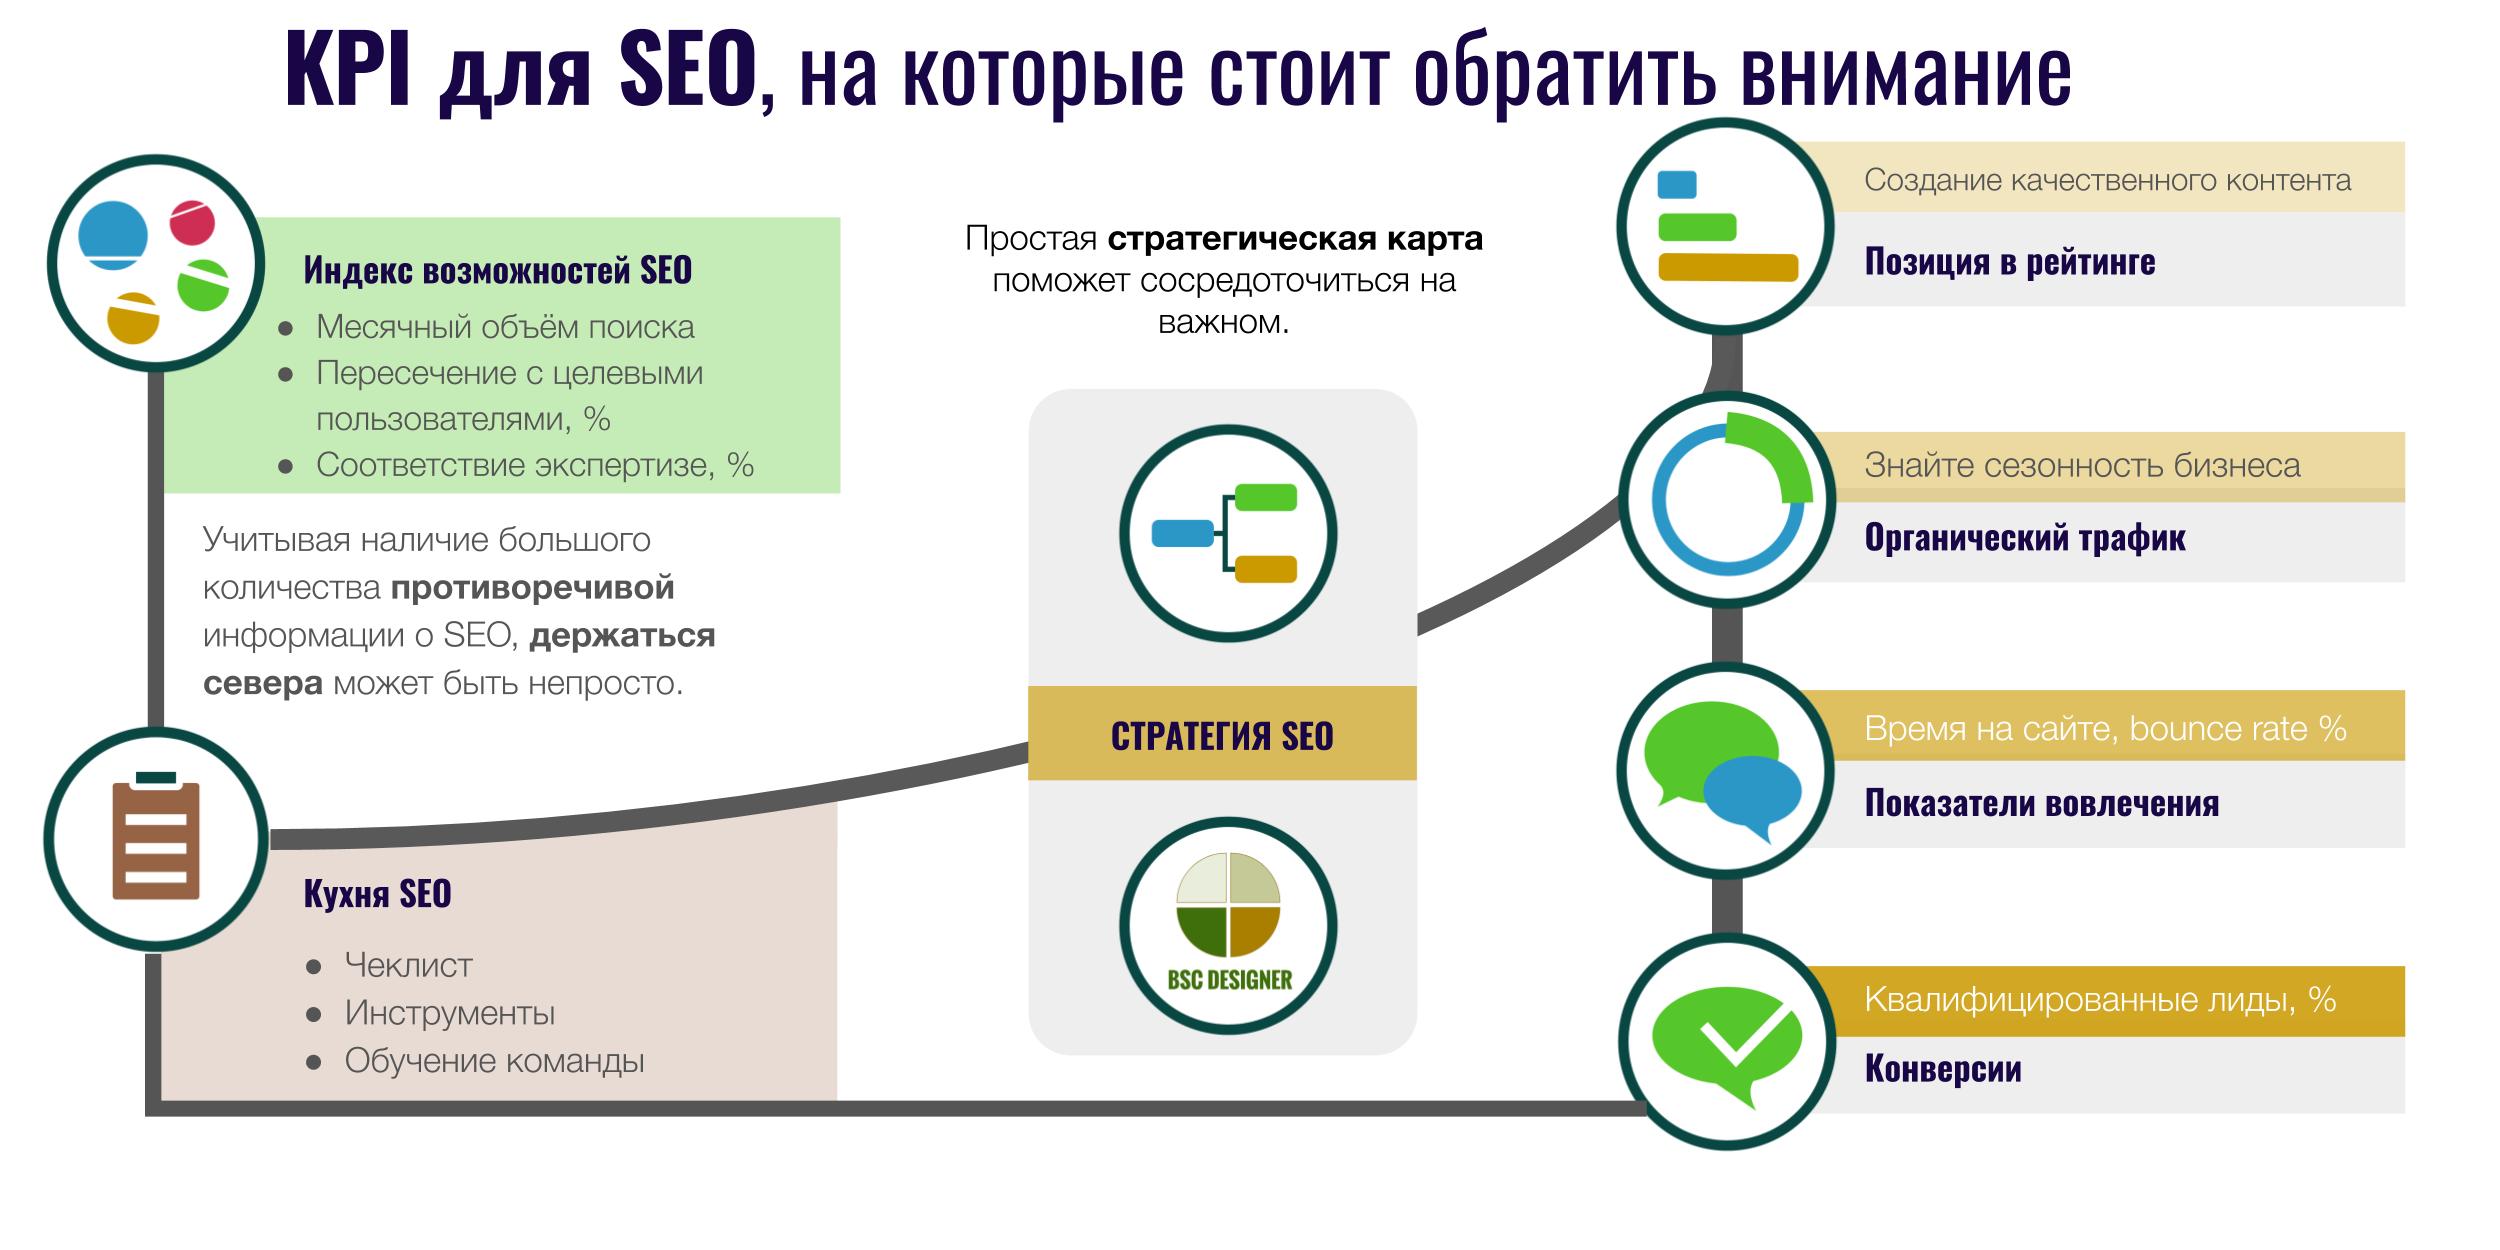 KPI для SEO, на которые стоит обратить внимание